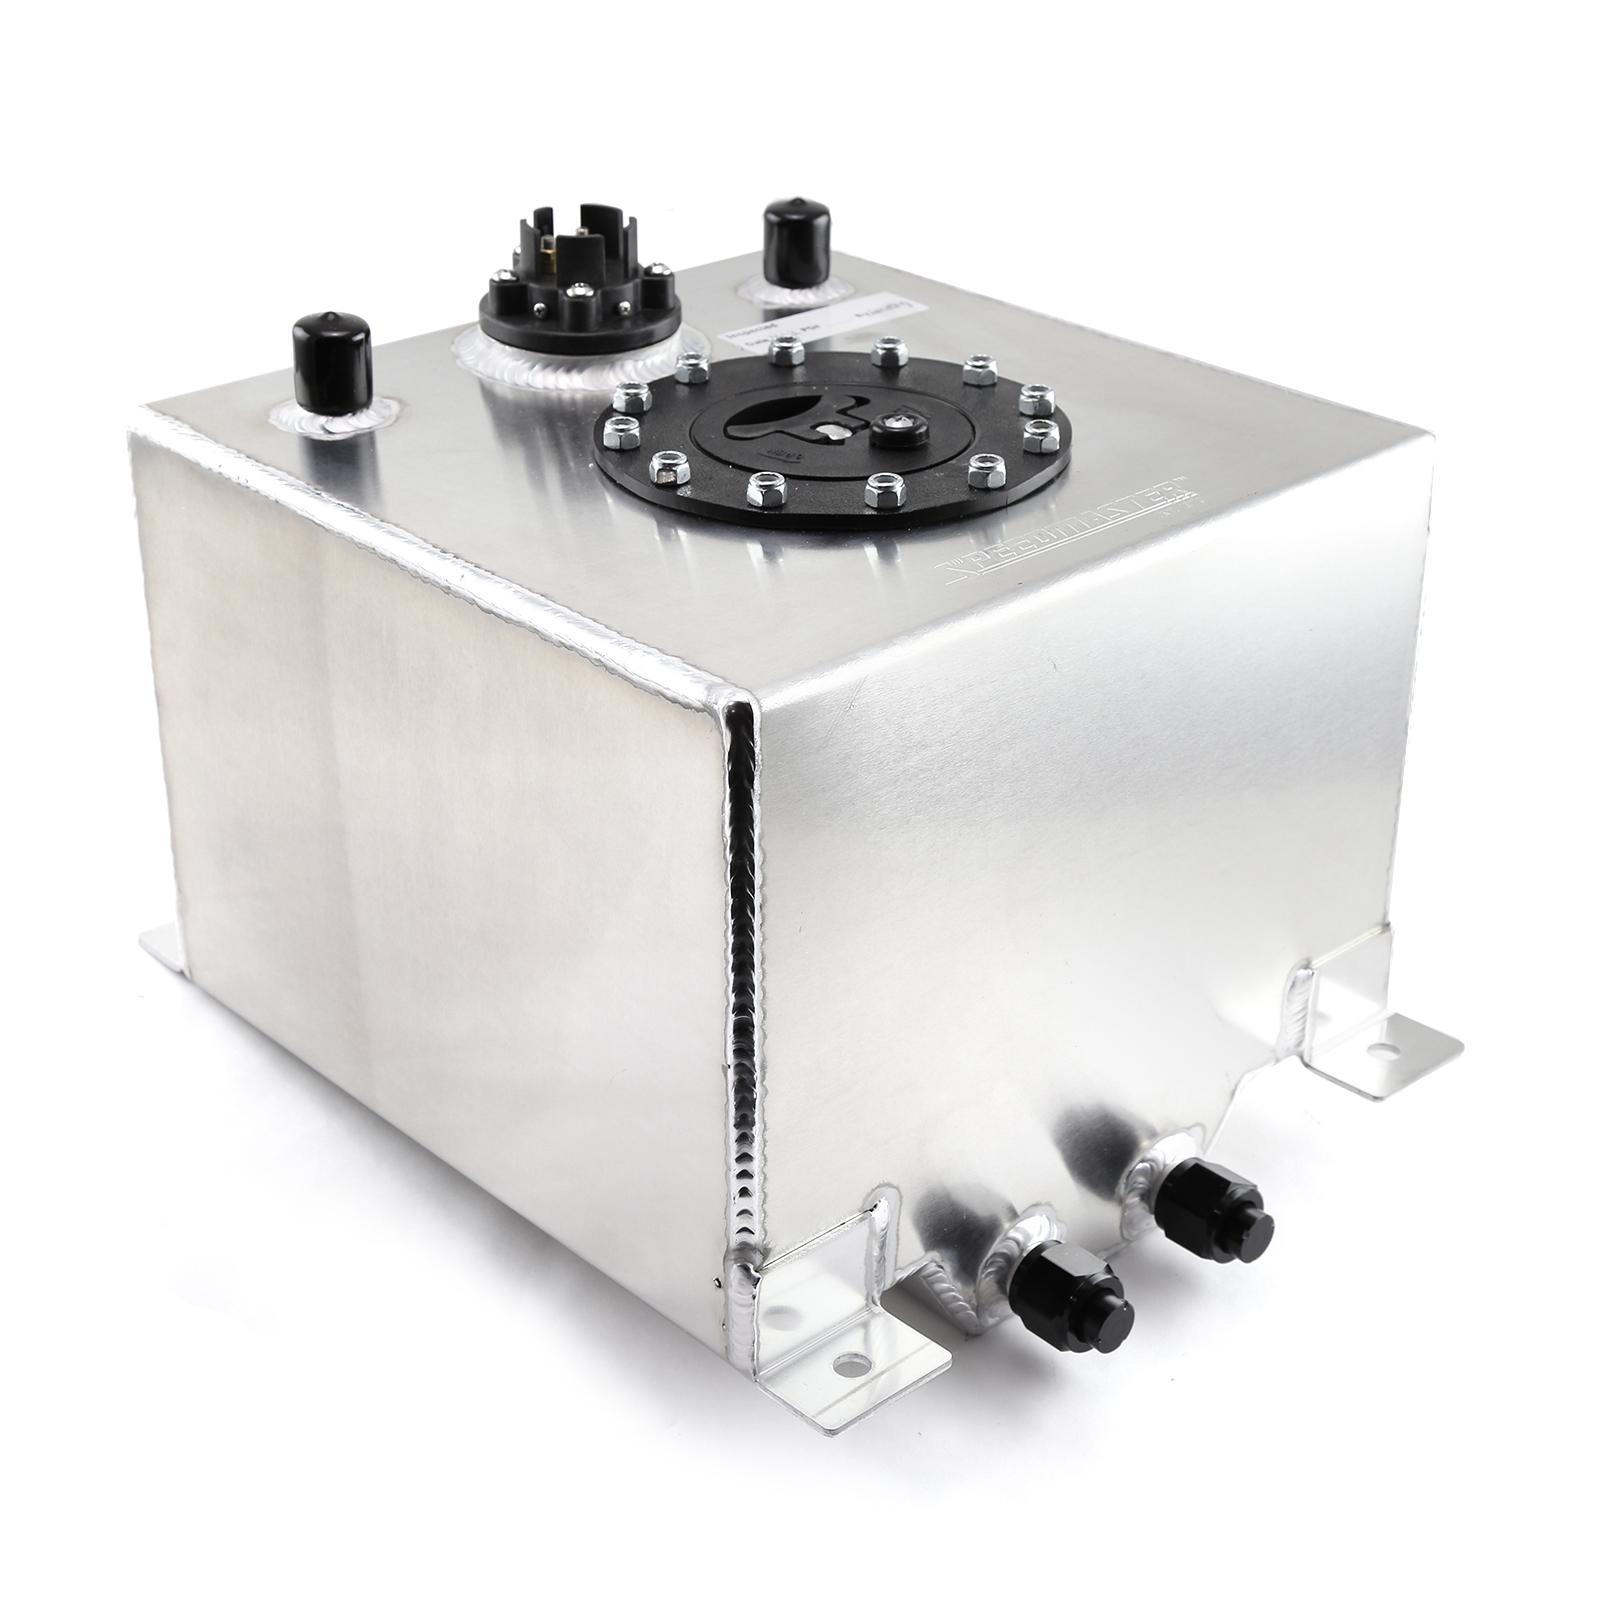 5 Gallon / 20 Litre Aluminum Fuel Cell w/Sending Unit